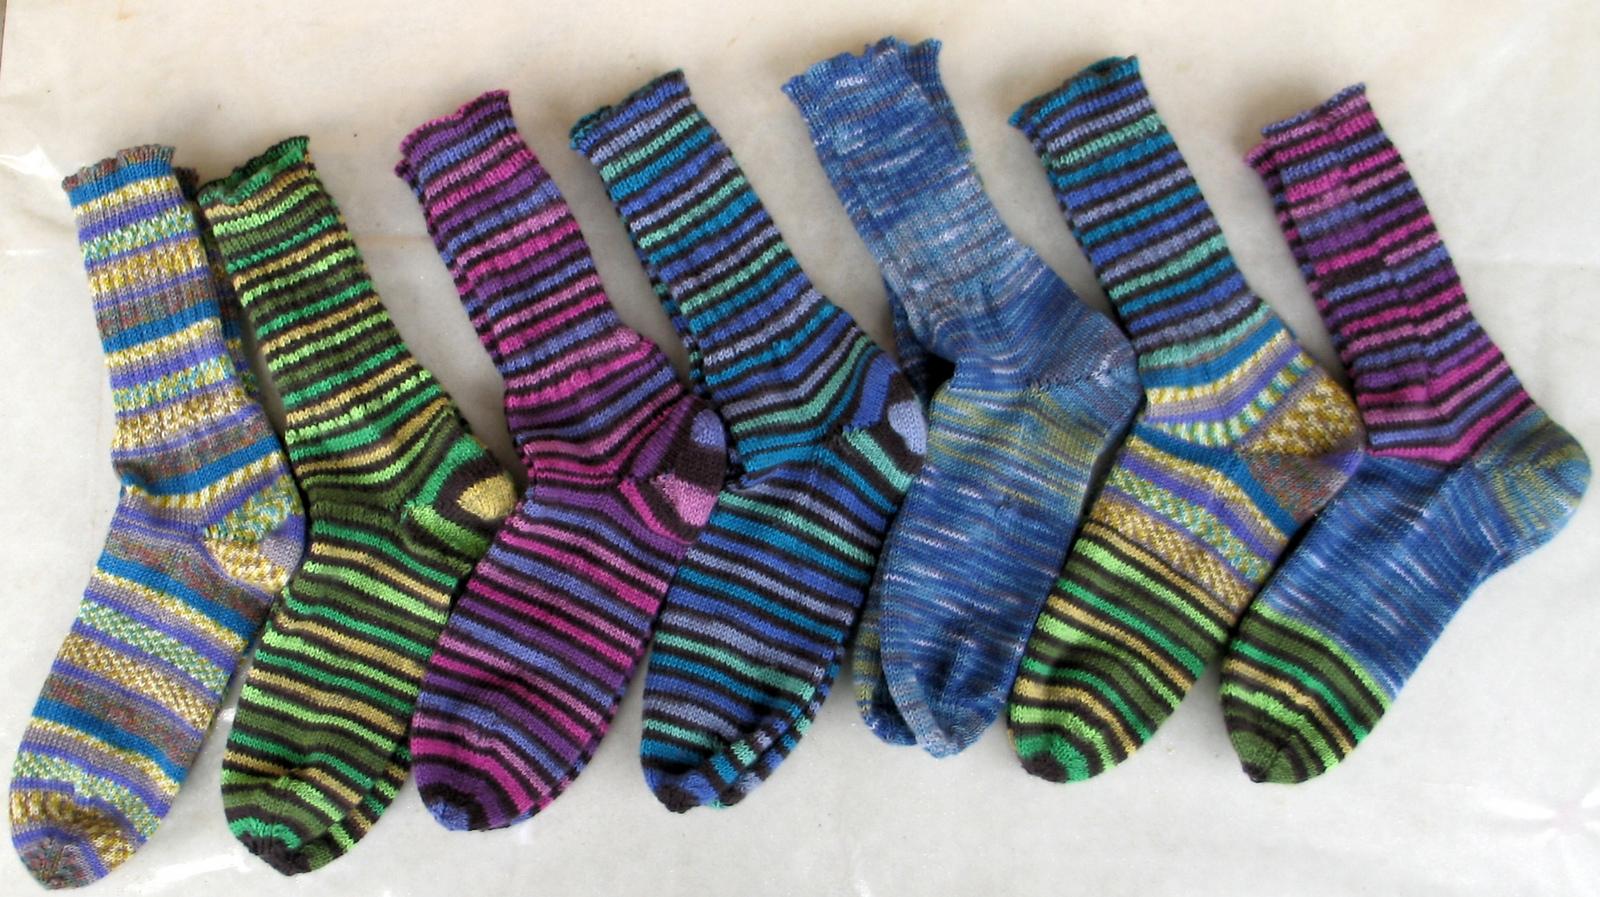 Socke1: Regia, dann drei Wollbutts